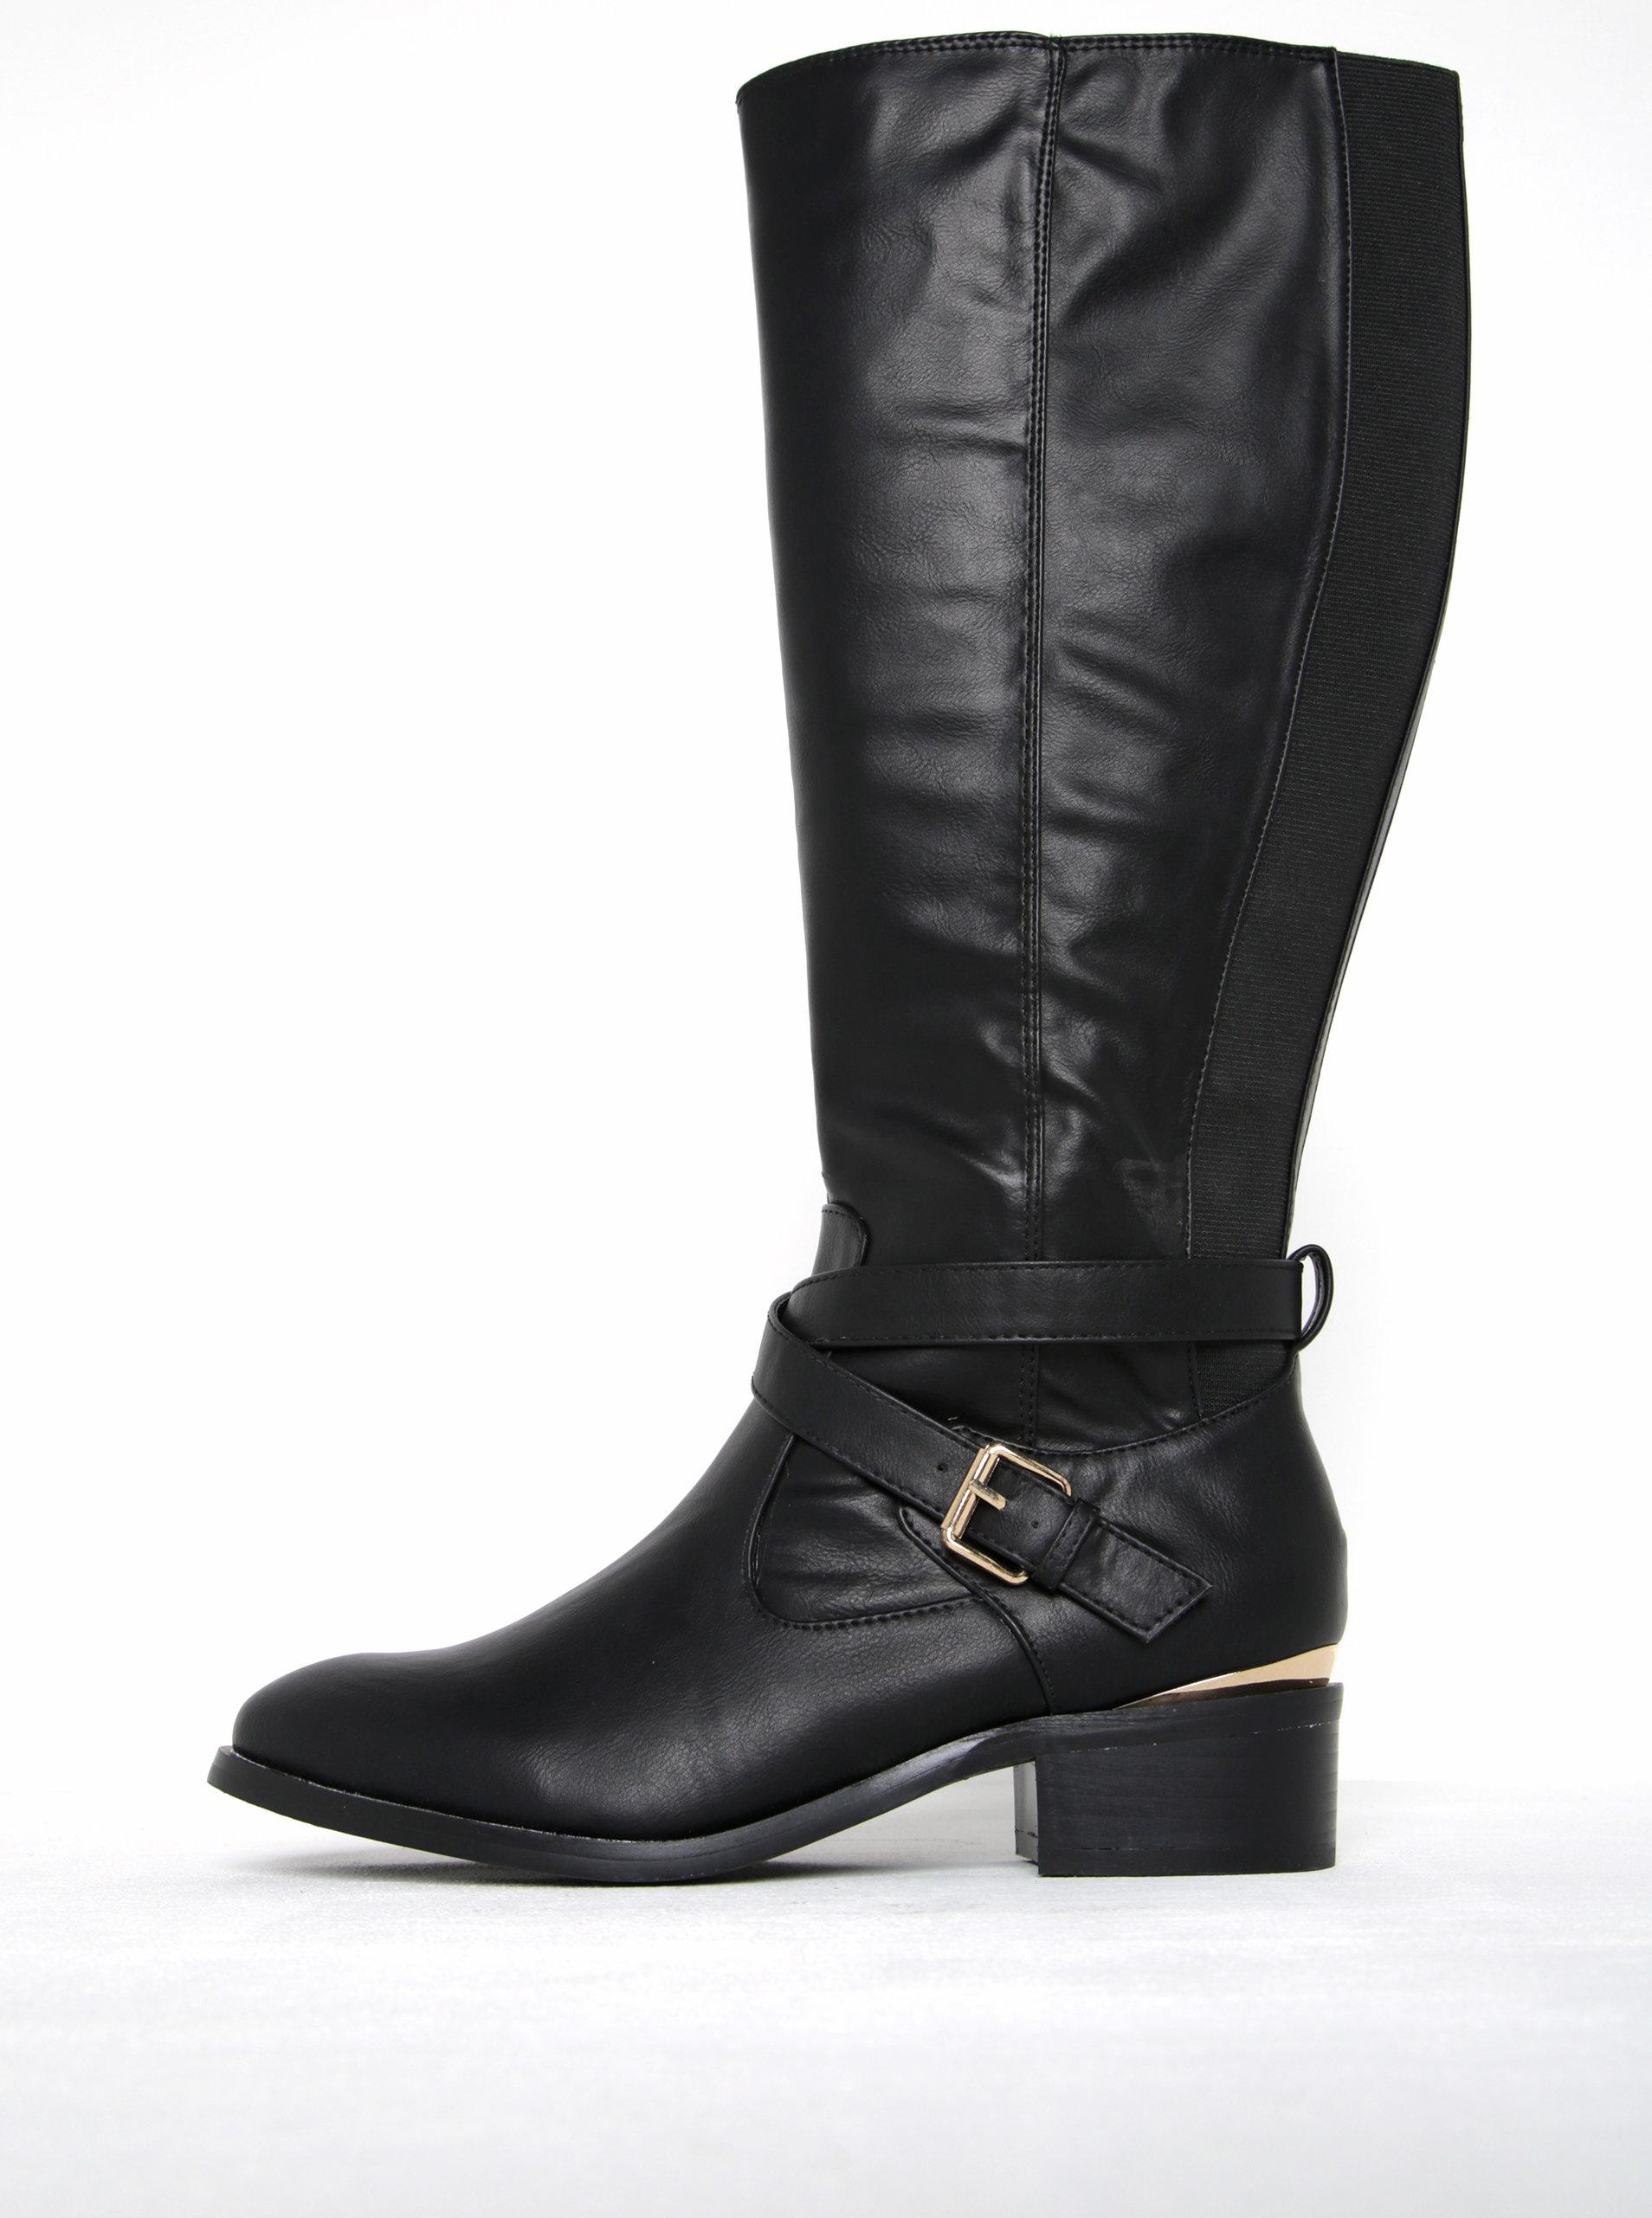 Čierne wide fit vysoké čižmy s prackou Dorothy Perkins ... 4596d972cb2